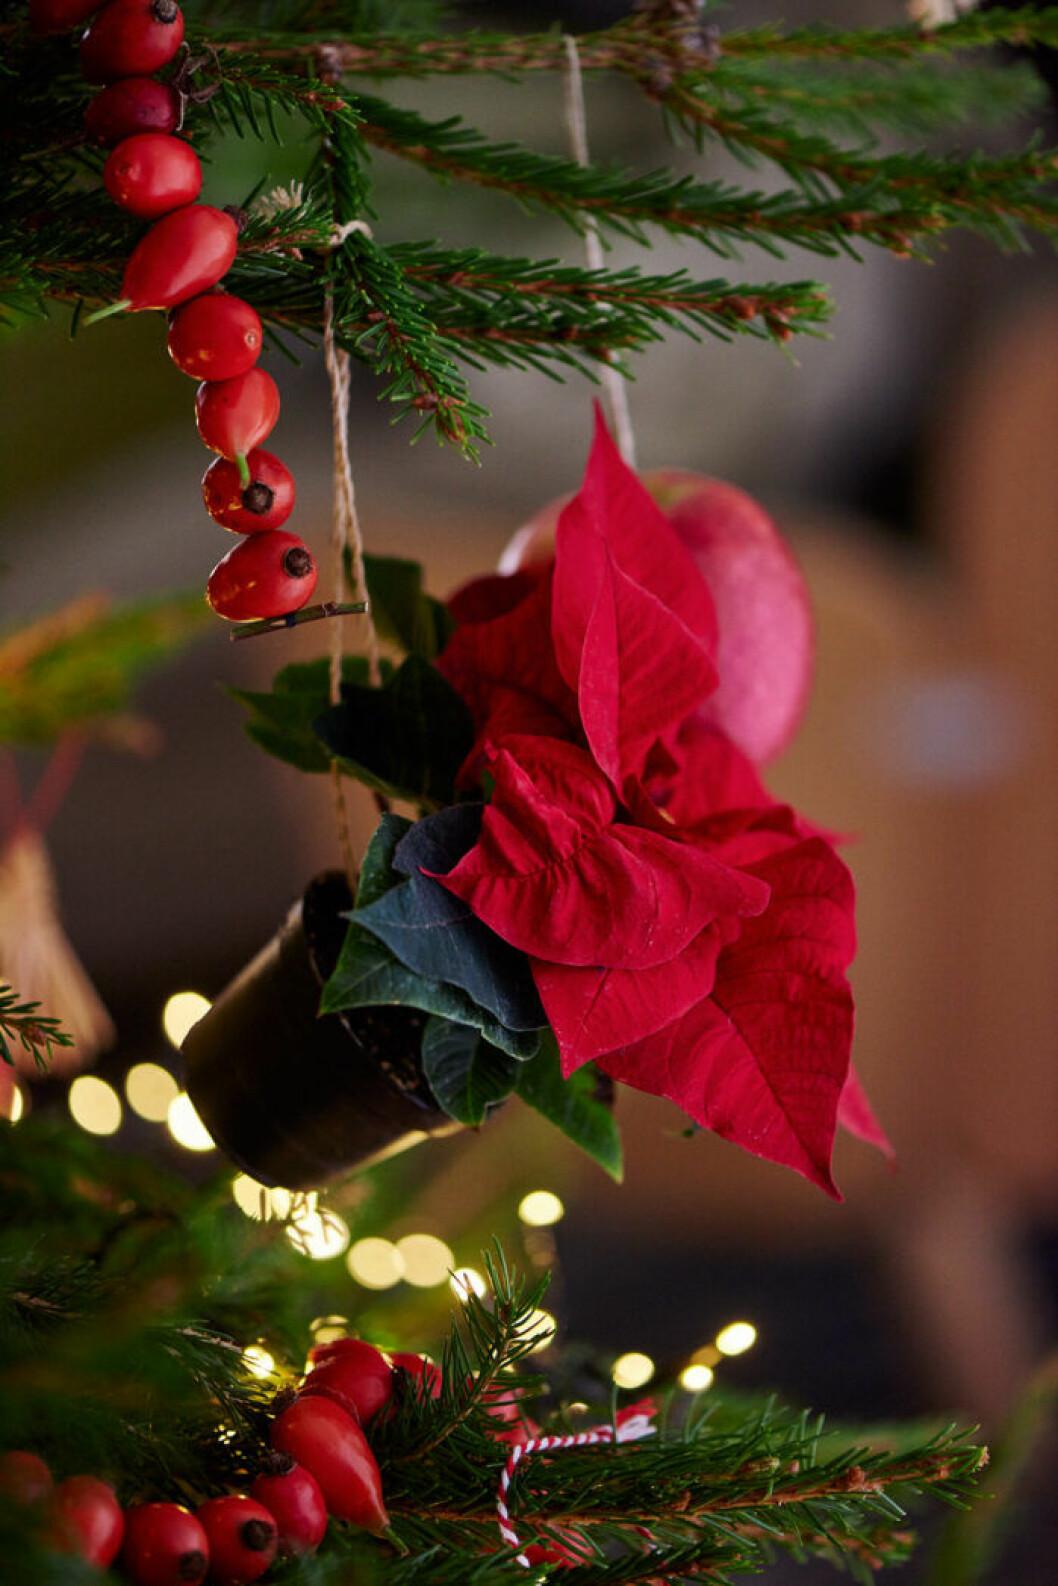 minijulstjärna i julgranen